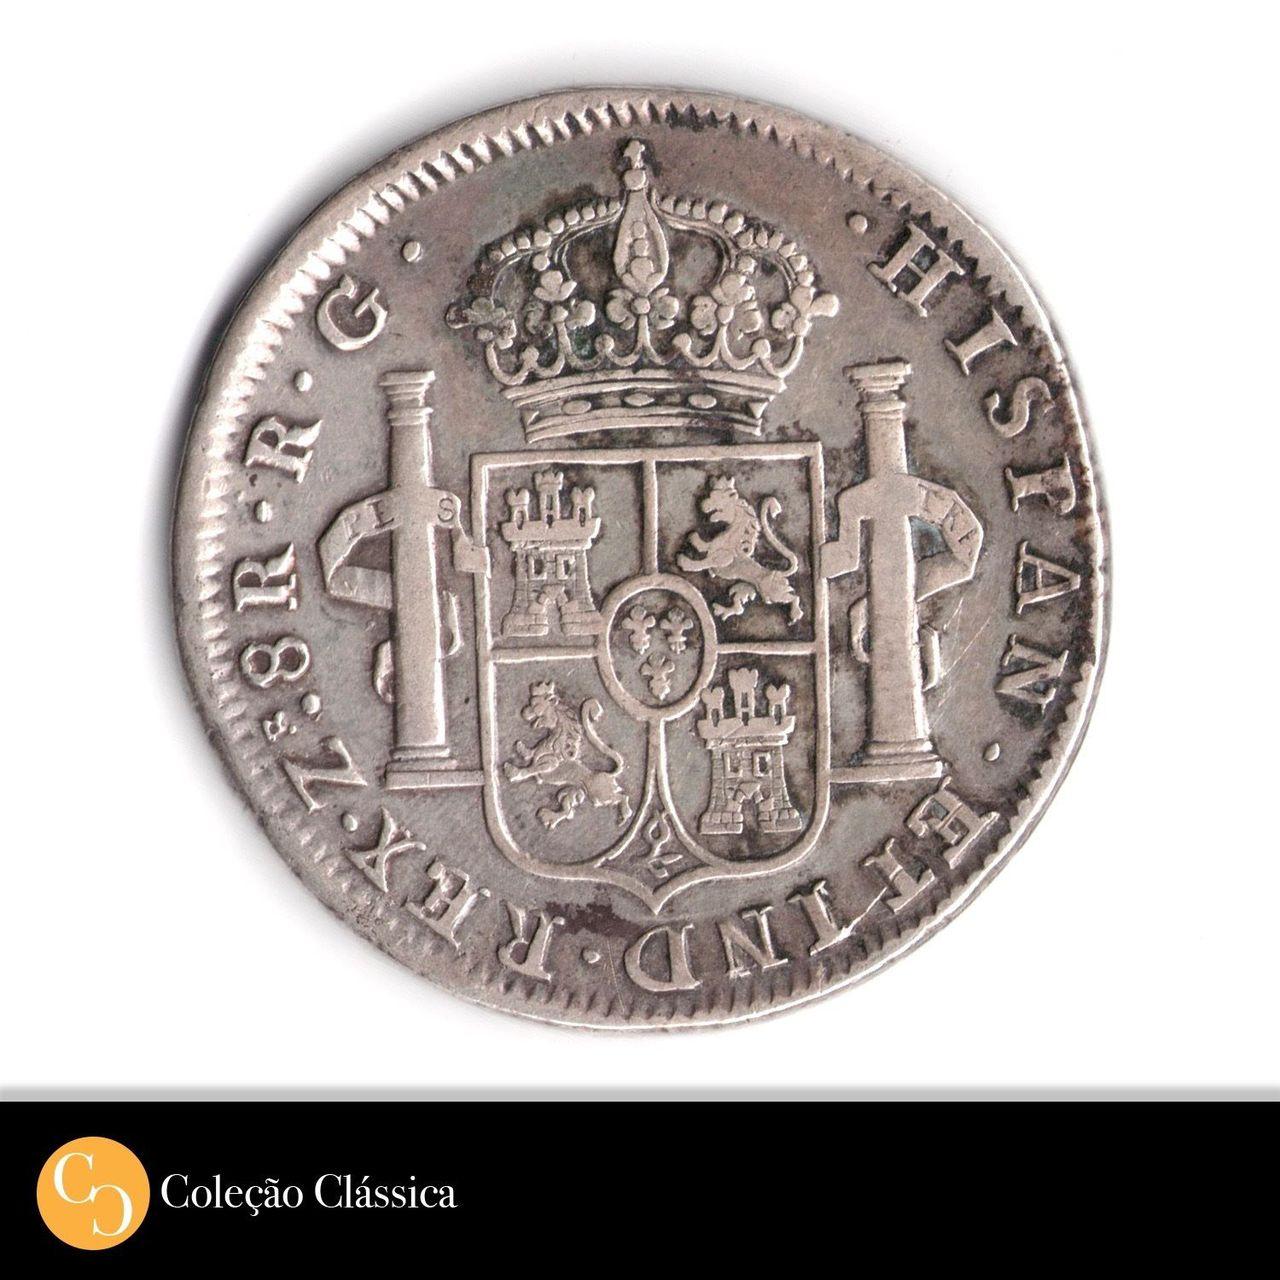 8 Reales 1821 Zacatecas. RG 57_3